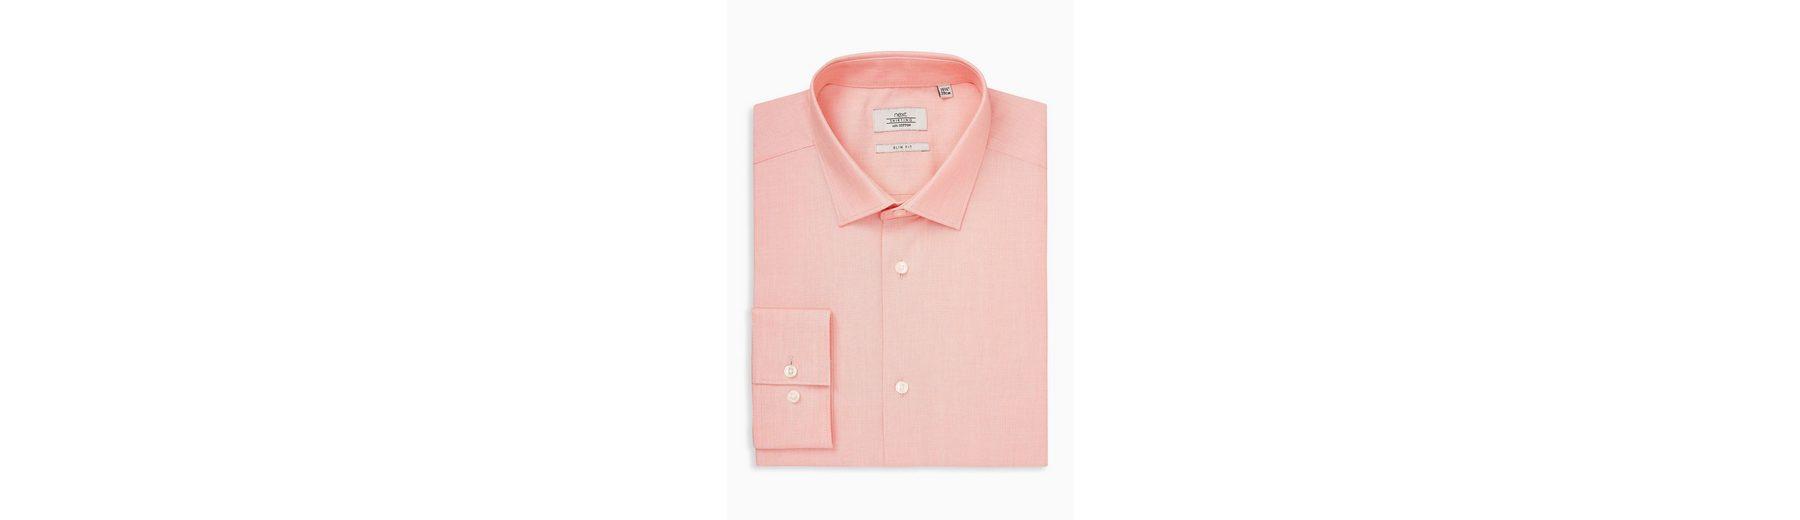 Next Hemd aus Baumwolle Rabatt Veröffentlichungstermine Steckdose Vermarktbaren Billige Sast GngzqN1K